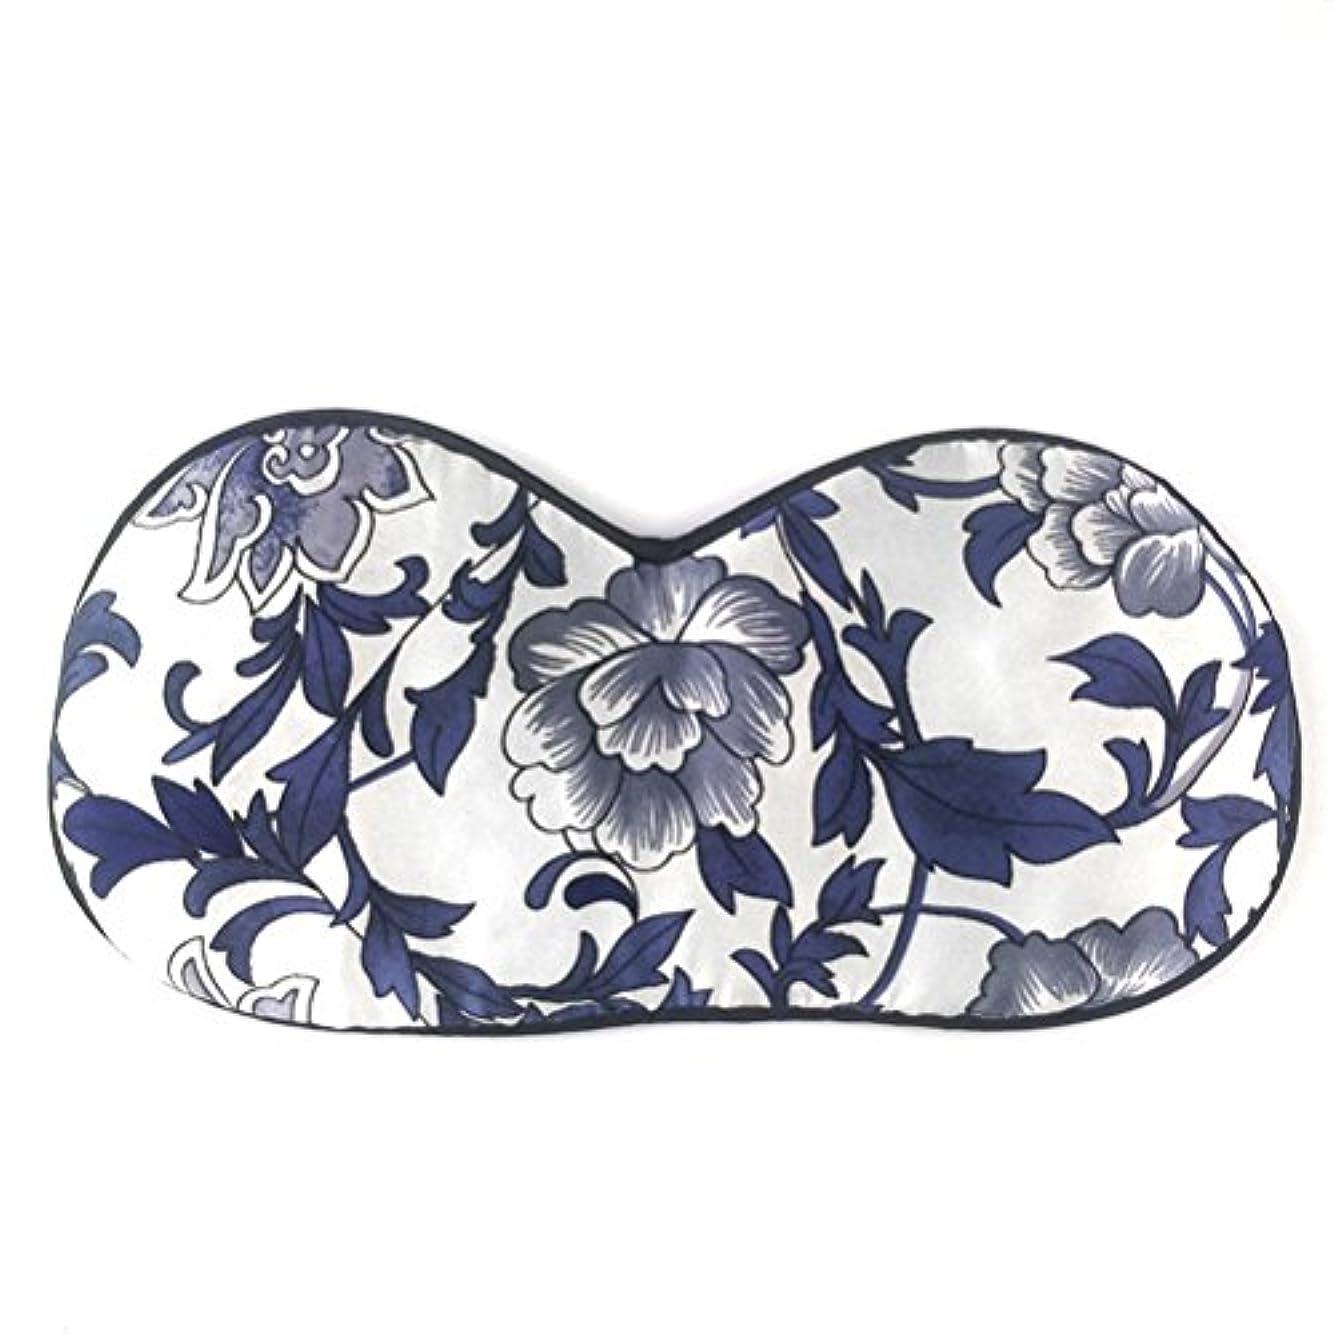 領事館対人明らかにULTNICE シルク睡眠の目のマスク目隠しのアイシャドウ女性のための睡眠の昼寝の瞑想(青と白の磁器)